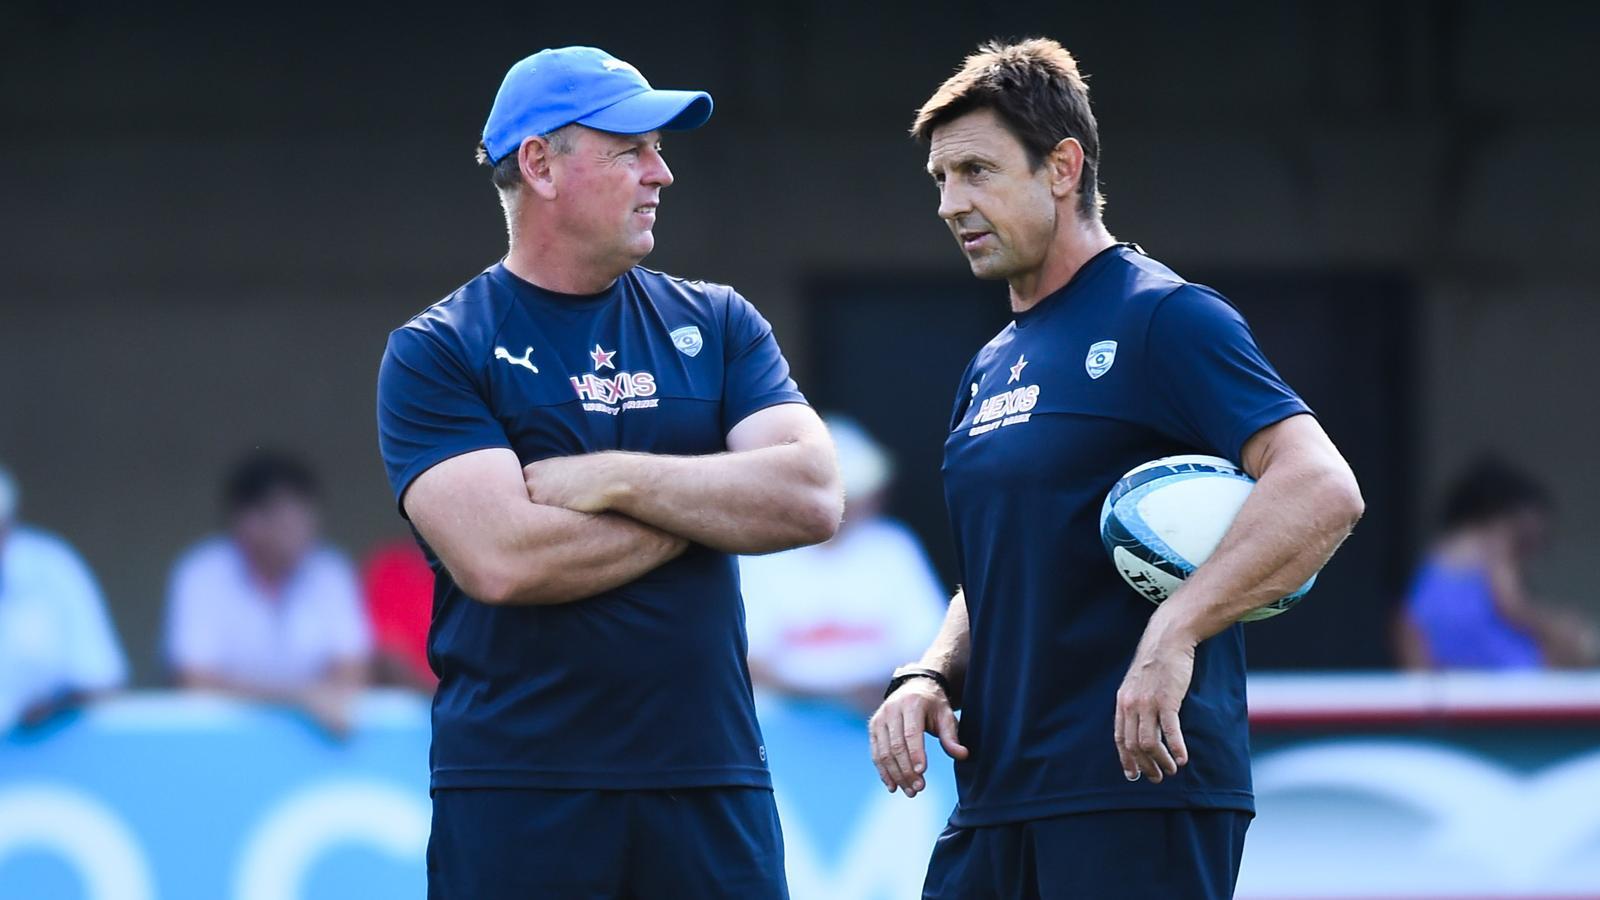 Jake White et Scott Wisemantel, les entraîneurs de Montpellier - août 2015